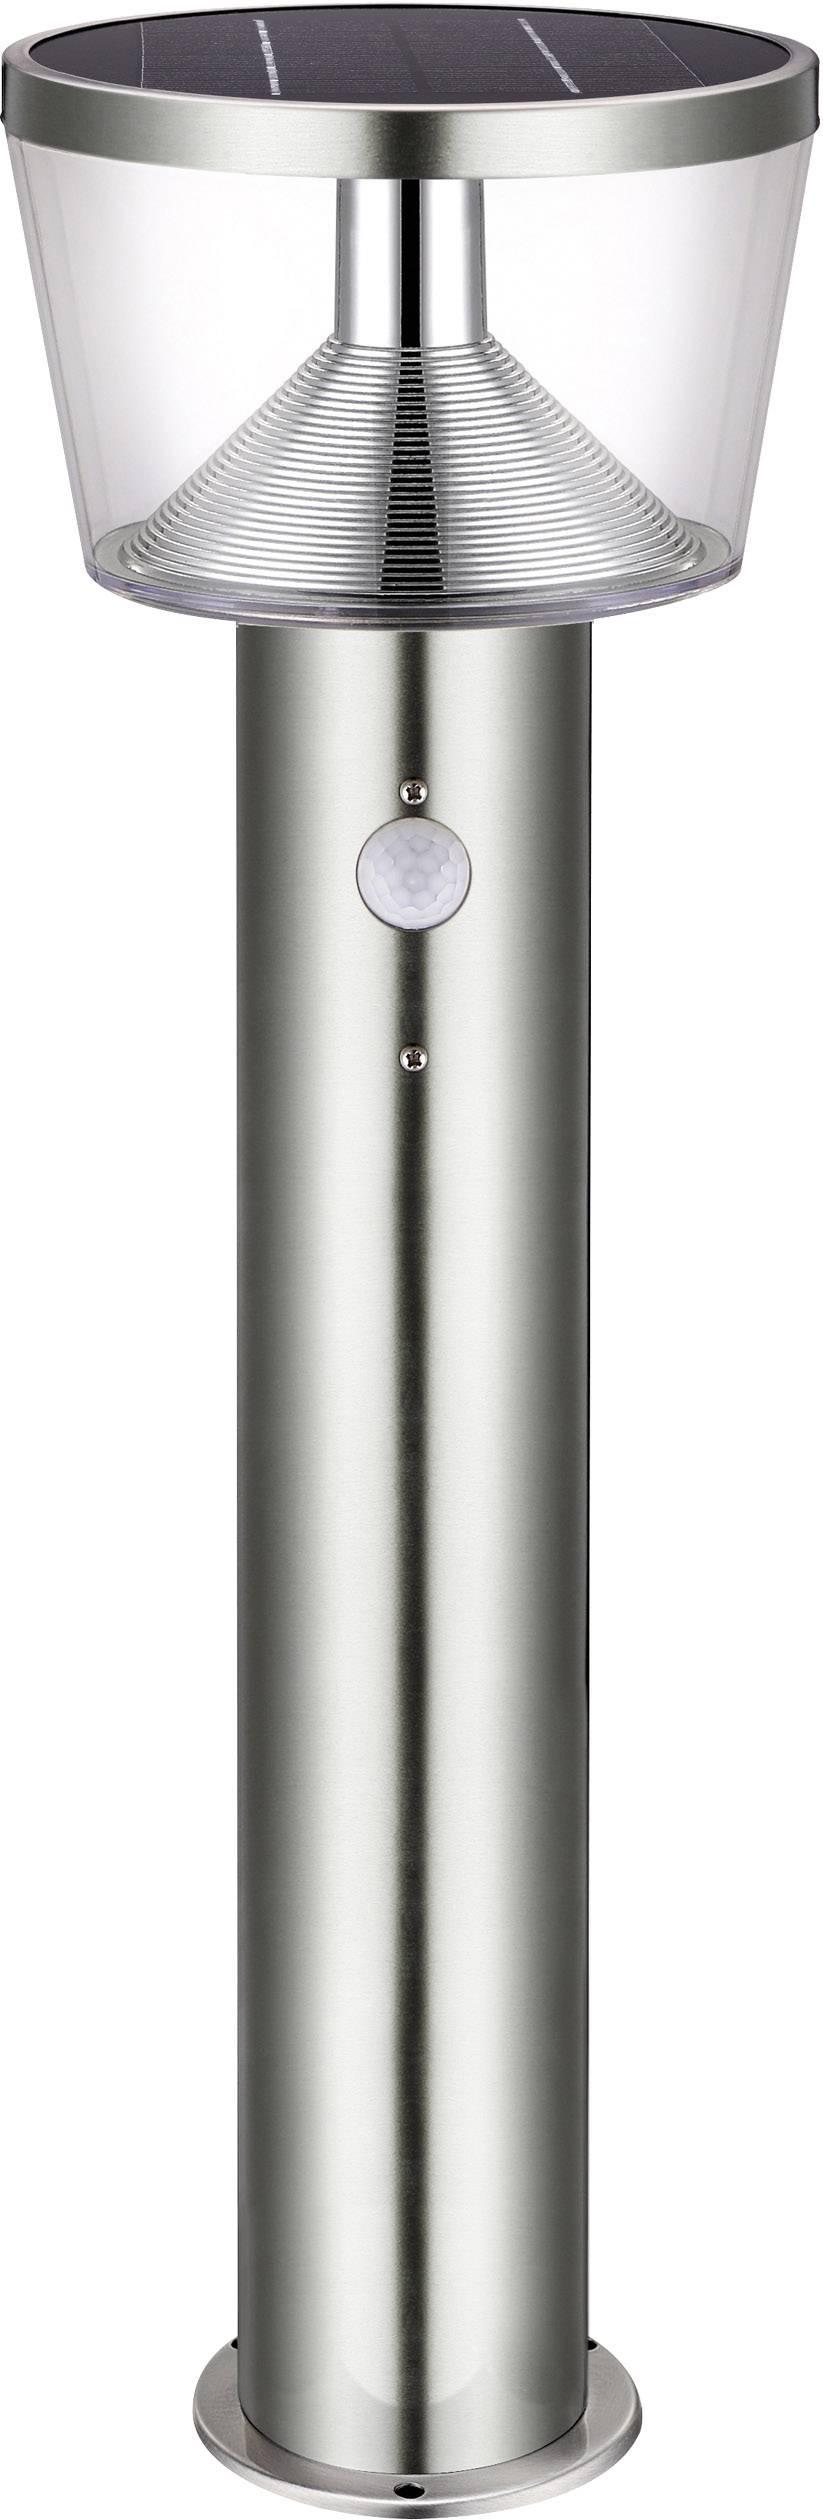 Solární zahradní svítidlo s PIR detektorem Polarlite PL-8228625 SS01PIR 3 W, teplá bílá